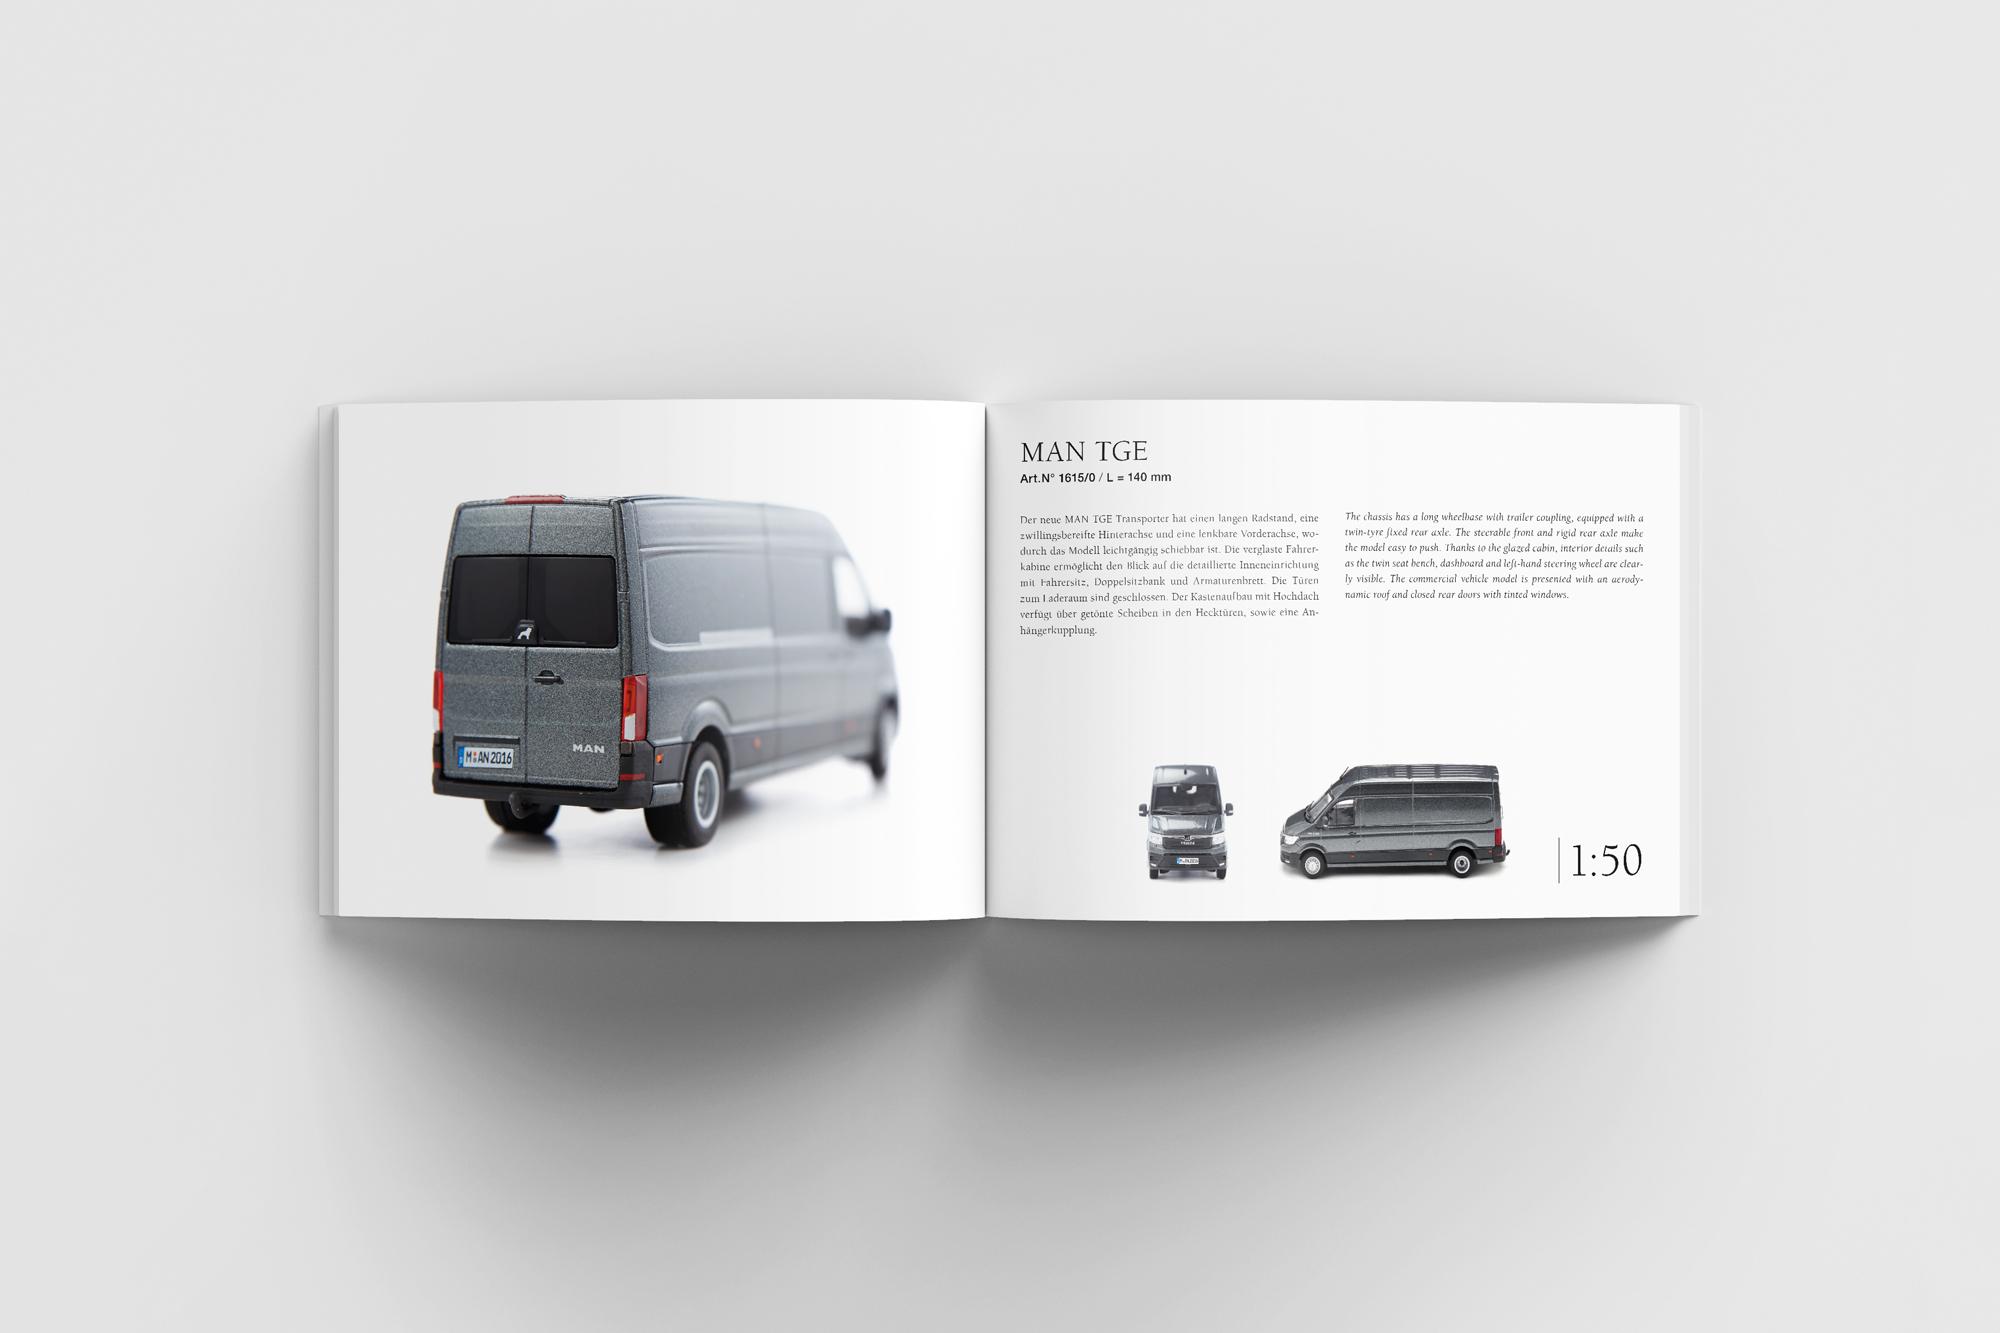 planx-conrad-modelle02